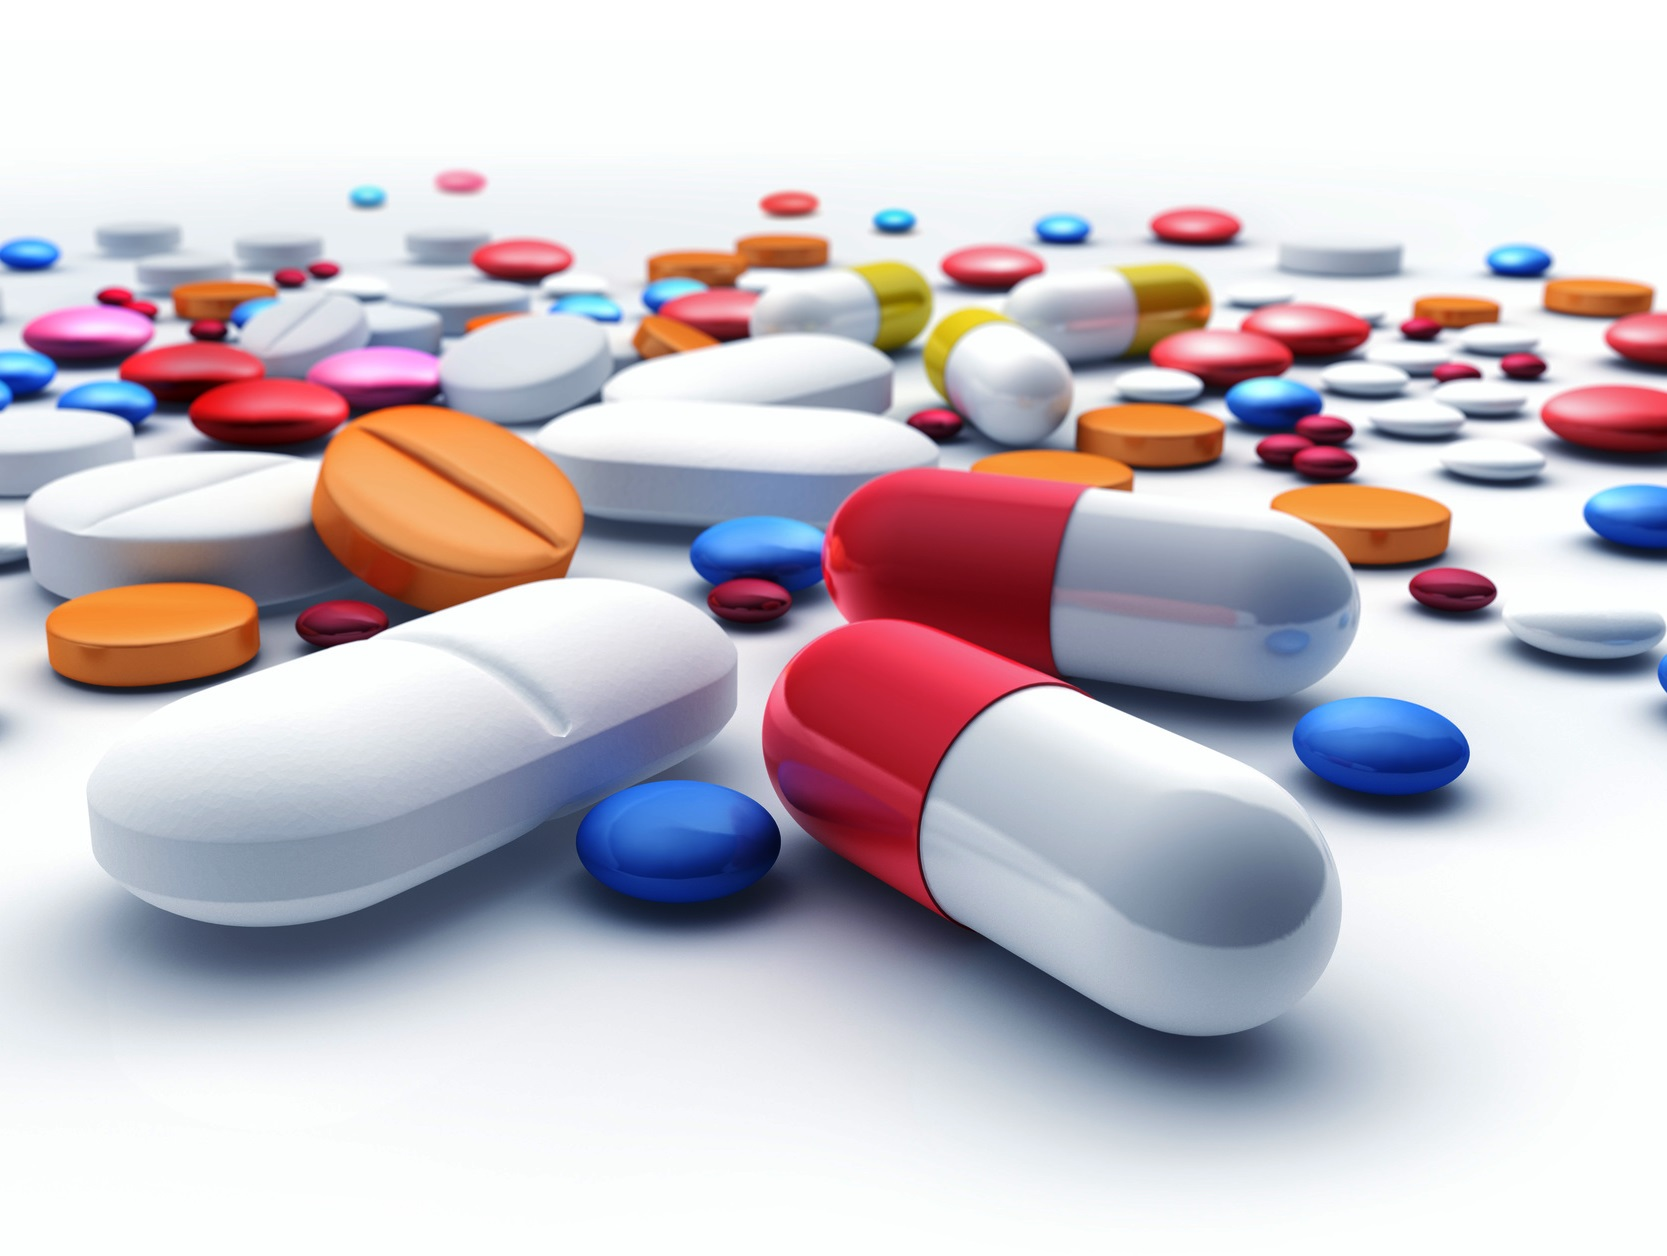 Zunahme des Langzeitkonsums starker Schmerzmittel